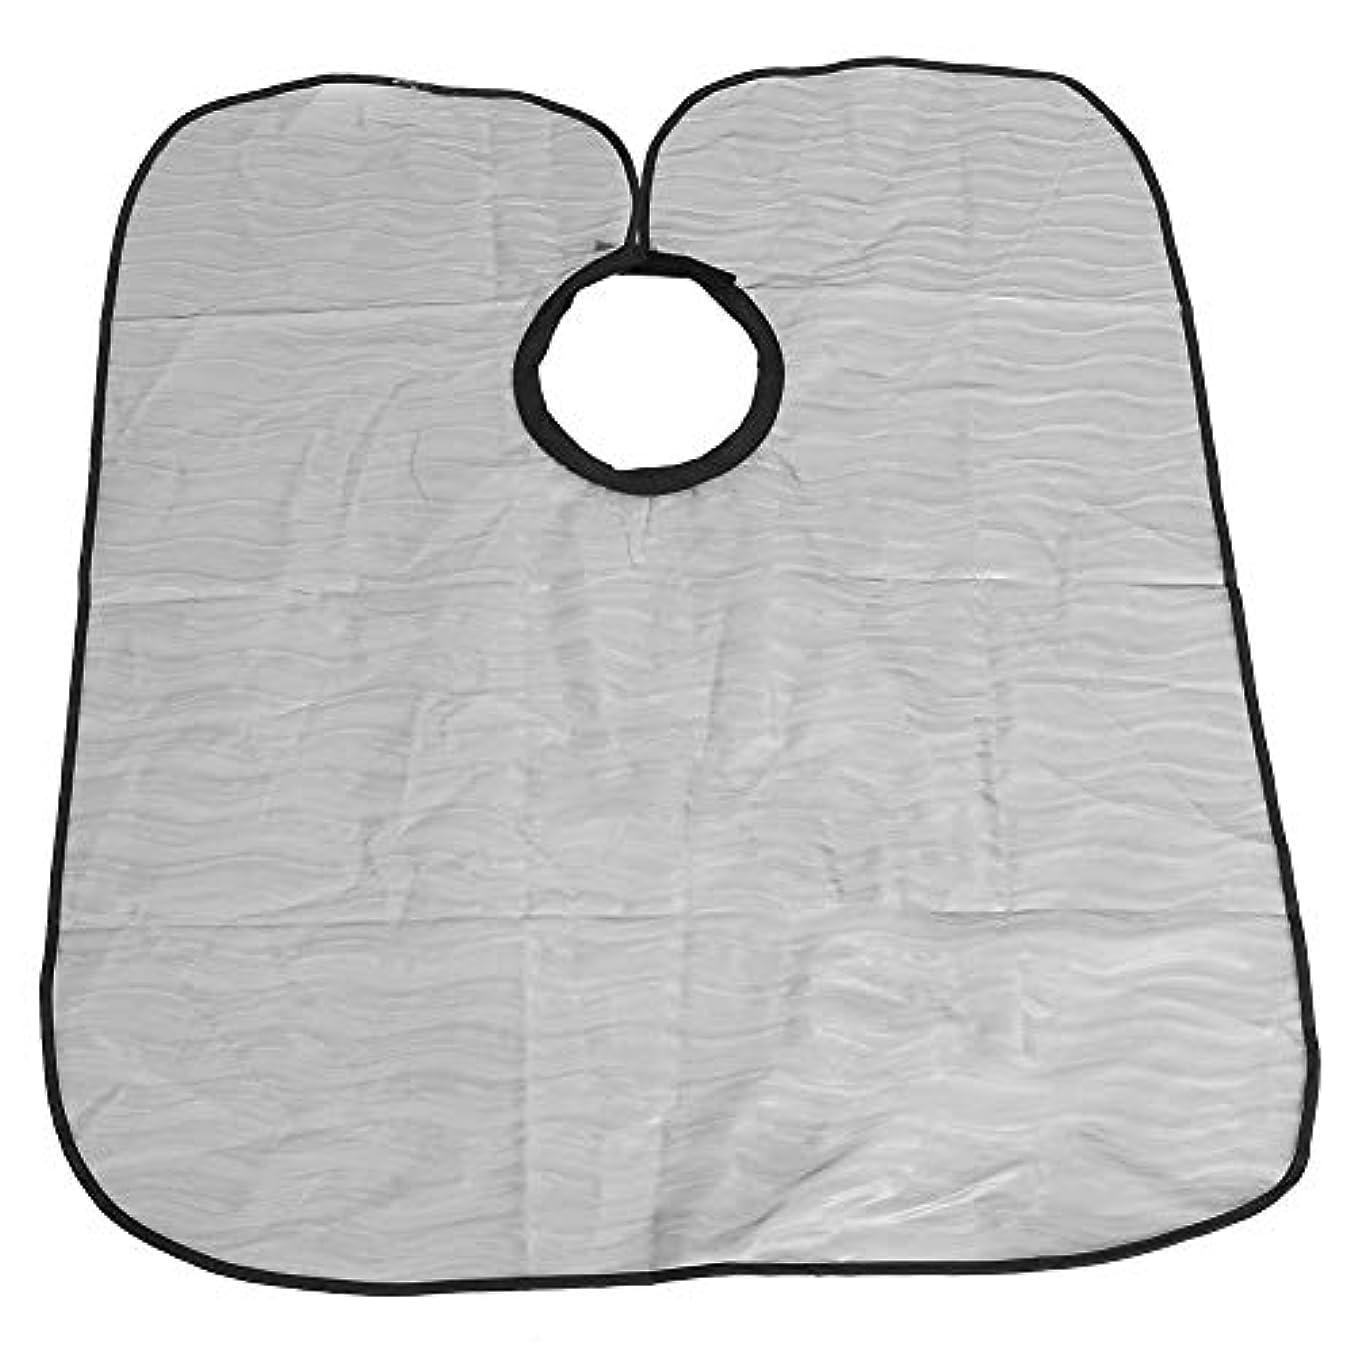 透けて見える把握形容詞プロのサロンケープ、防水サロンヘアカットケープ理髪布ヘアスタイリストガウン理髪ケープ(S)